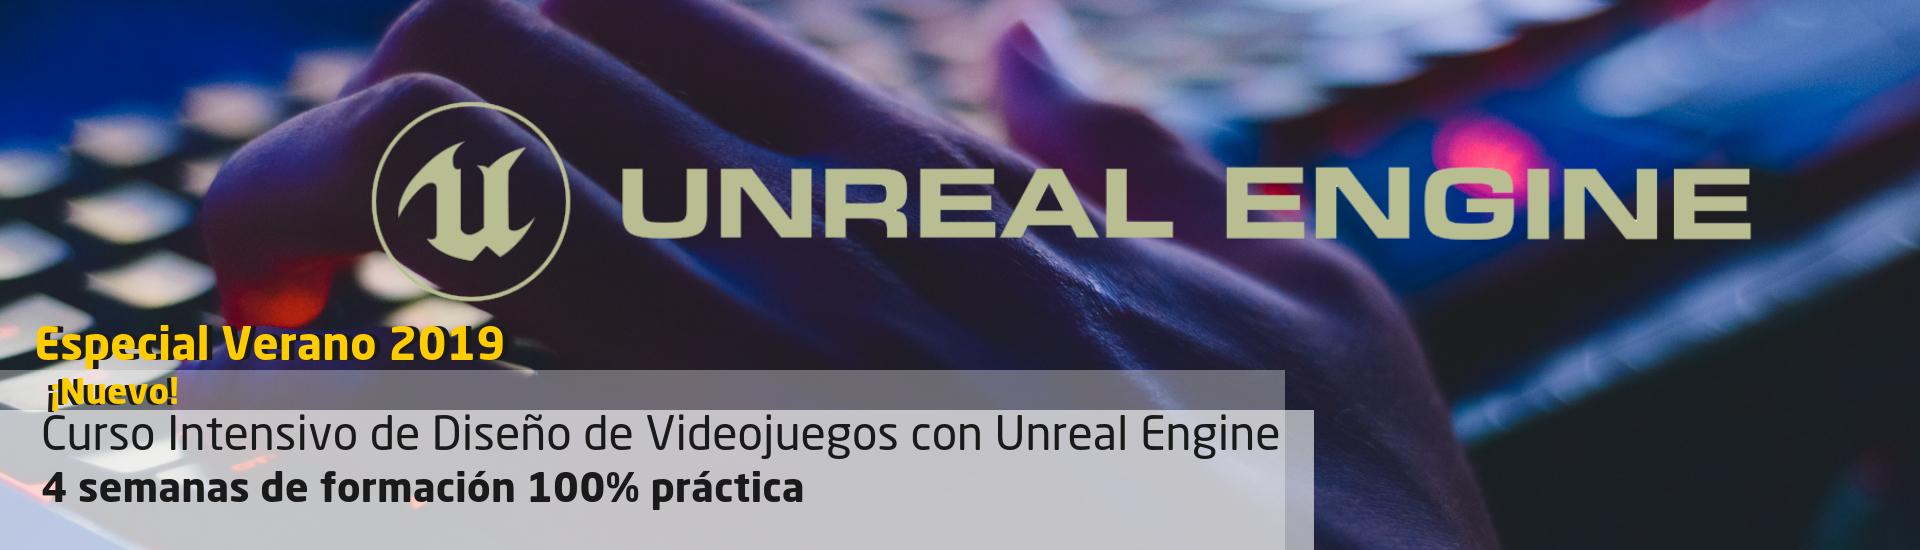 Curso Intensivo de creación de Videojuegos con Unreal Engine